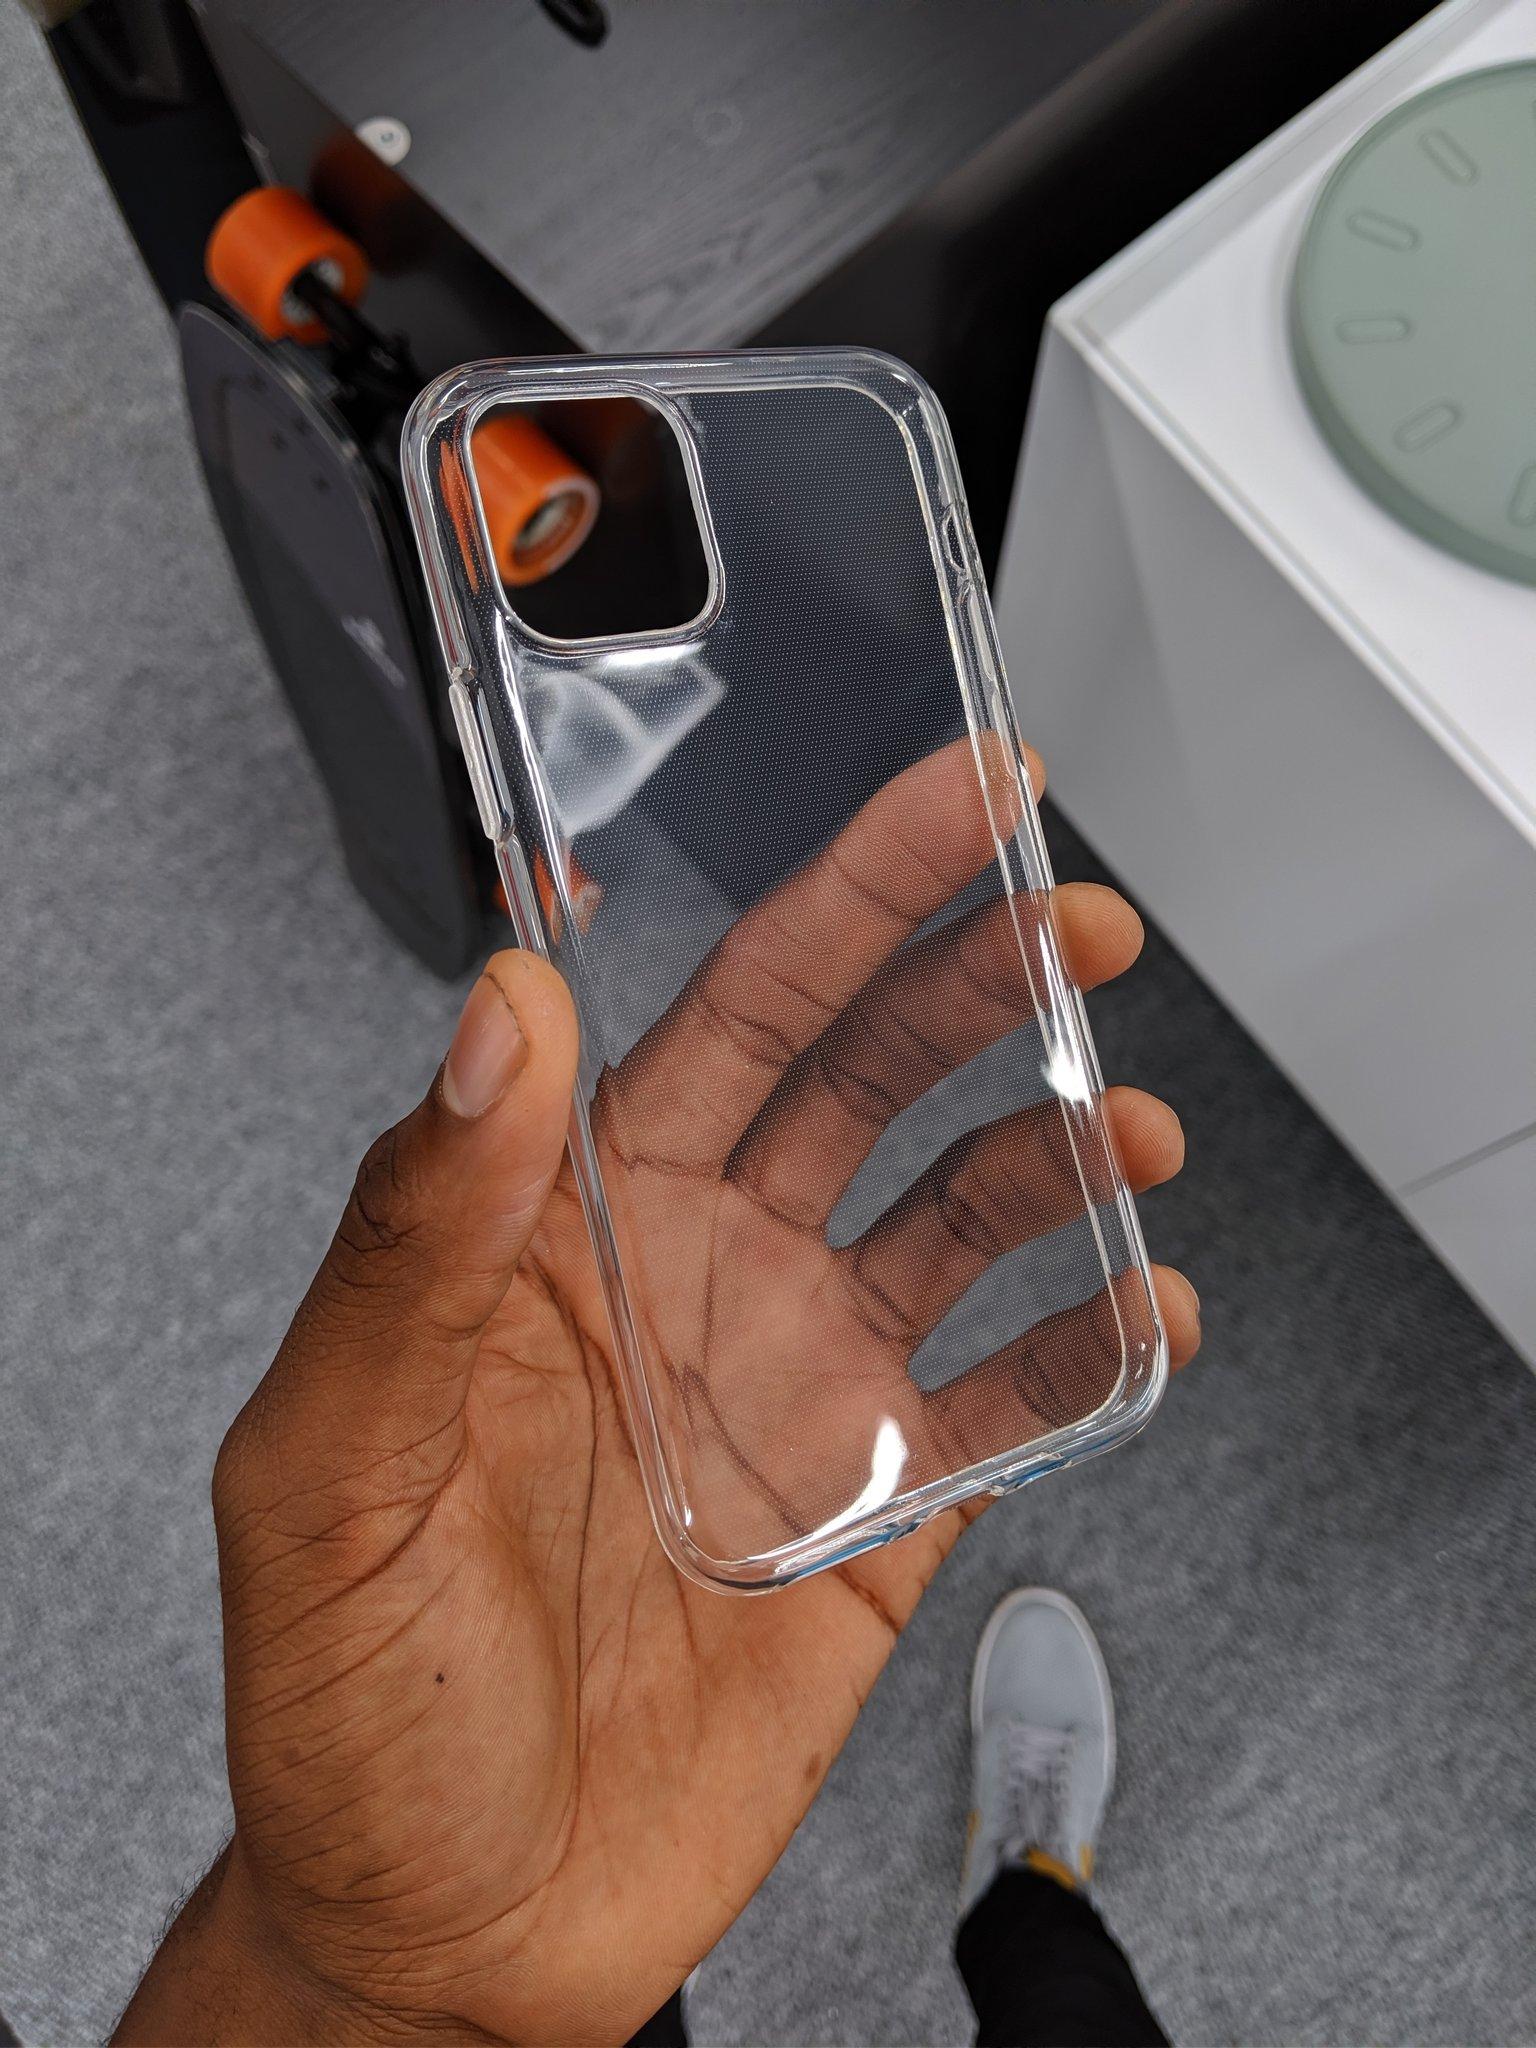 Apple iPhone 2019 11 etui plotki przecieki wycieki smartfony iOS 13 kiedy premiera